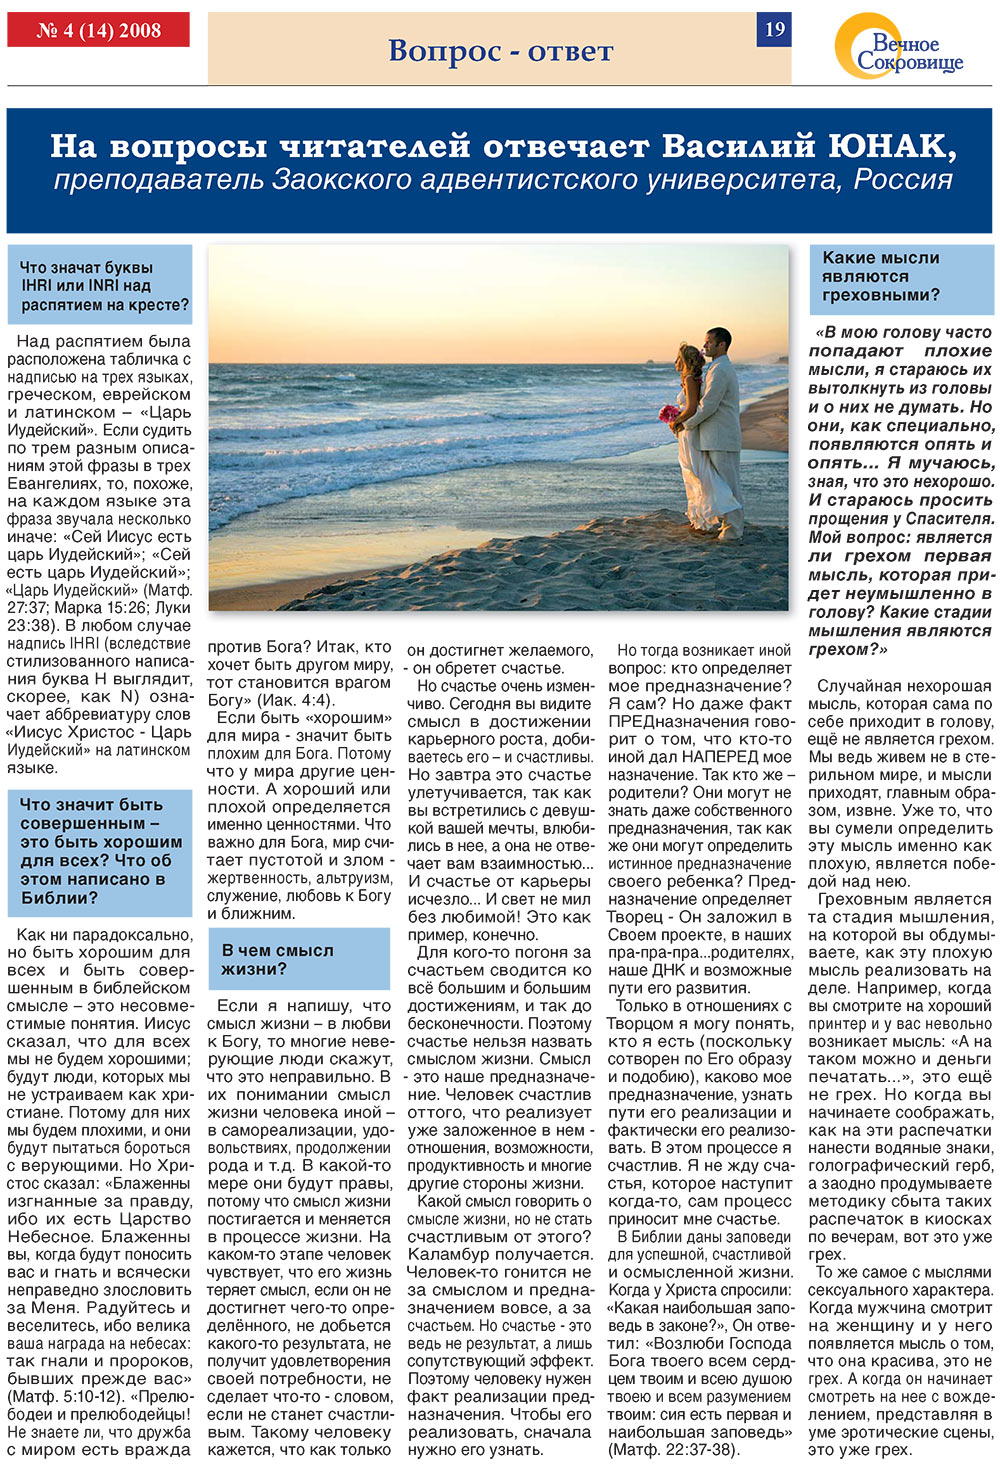 Вечное сокровище (газета). 2008 год, номер 4, стр. 19